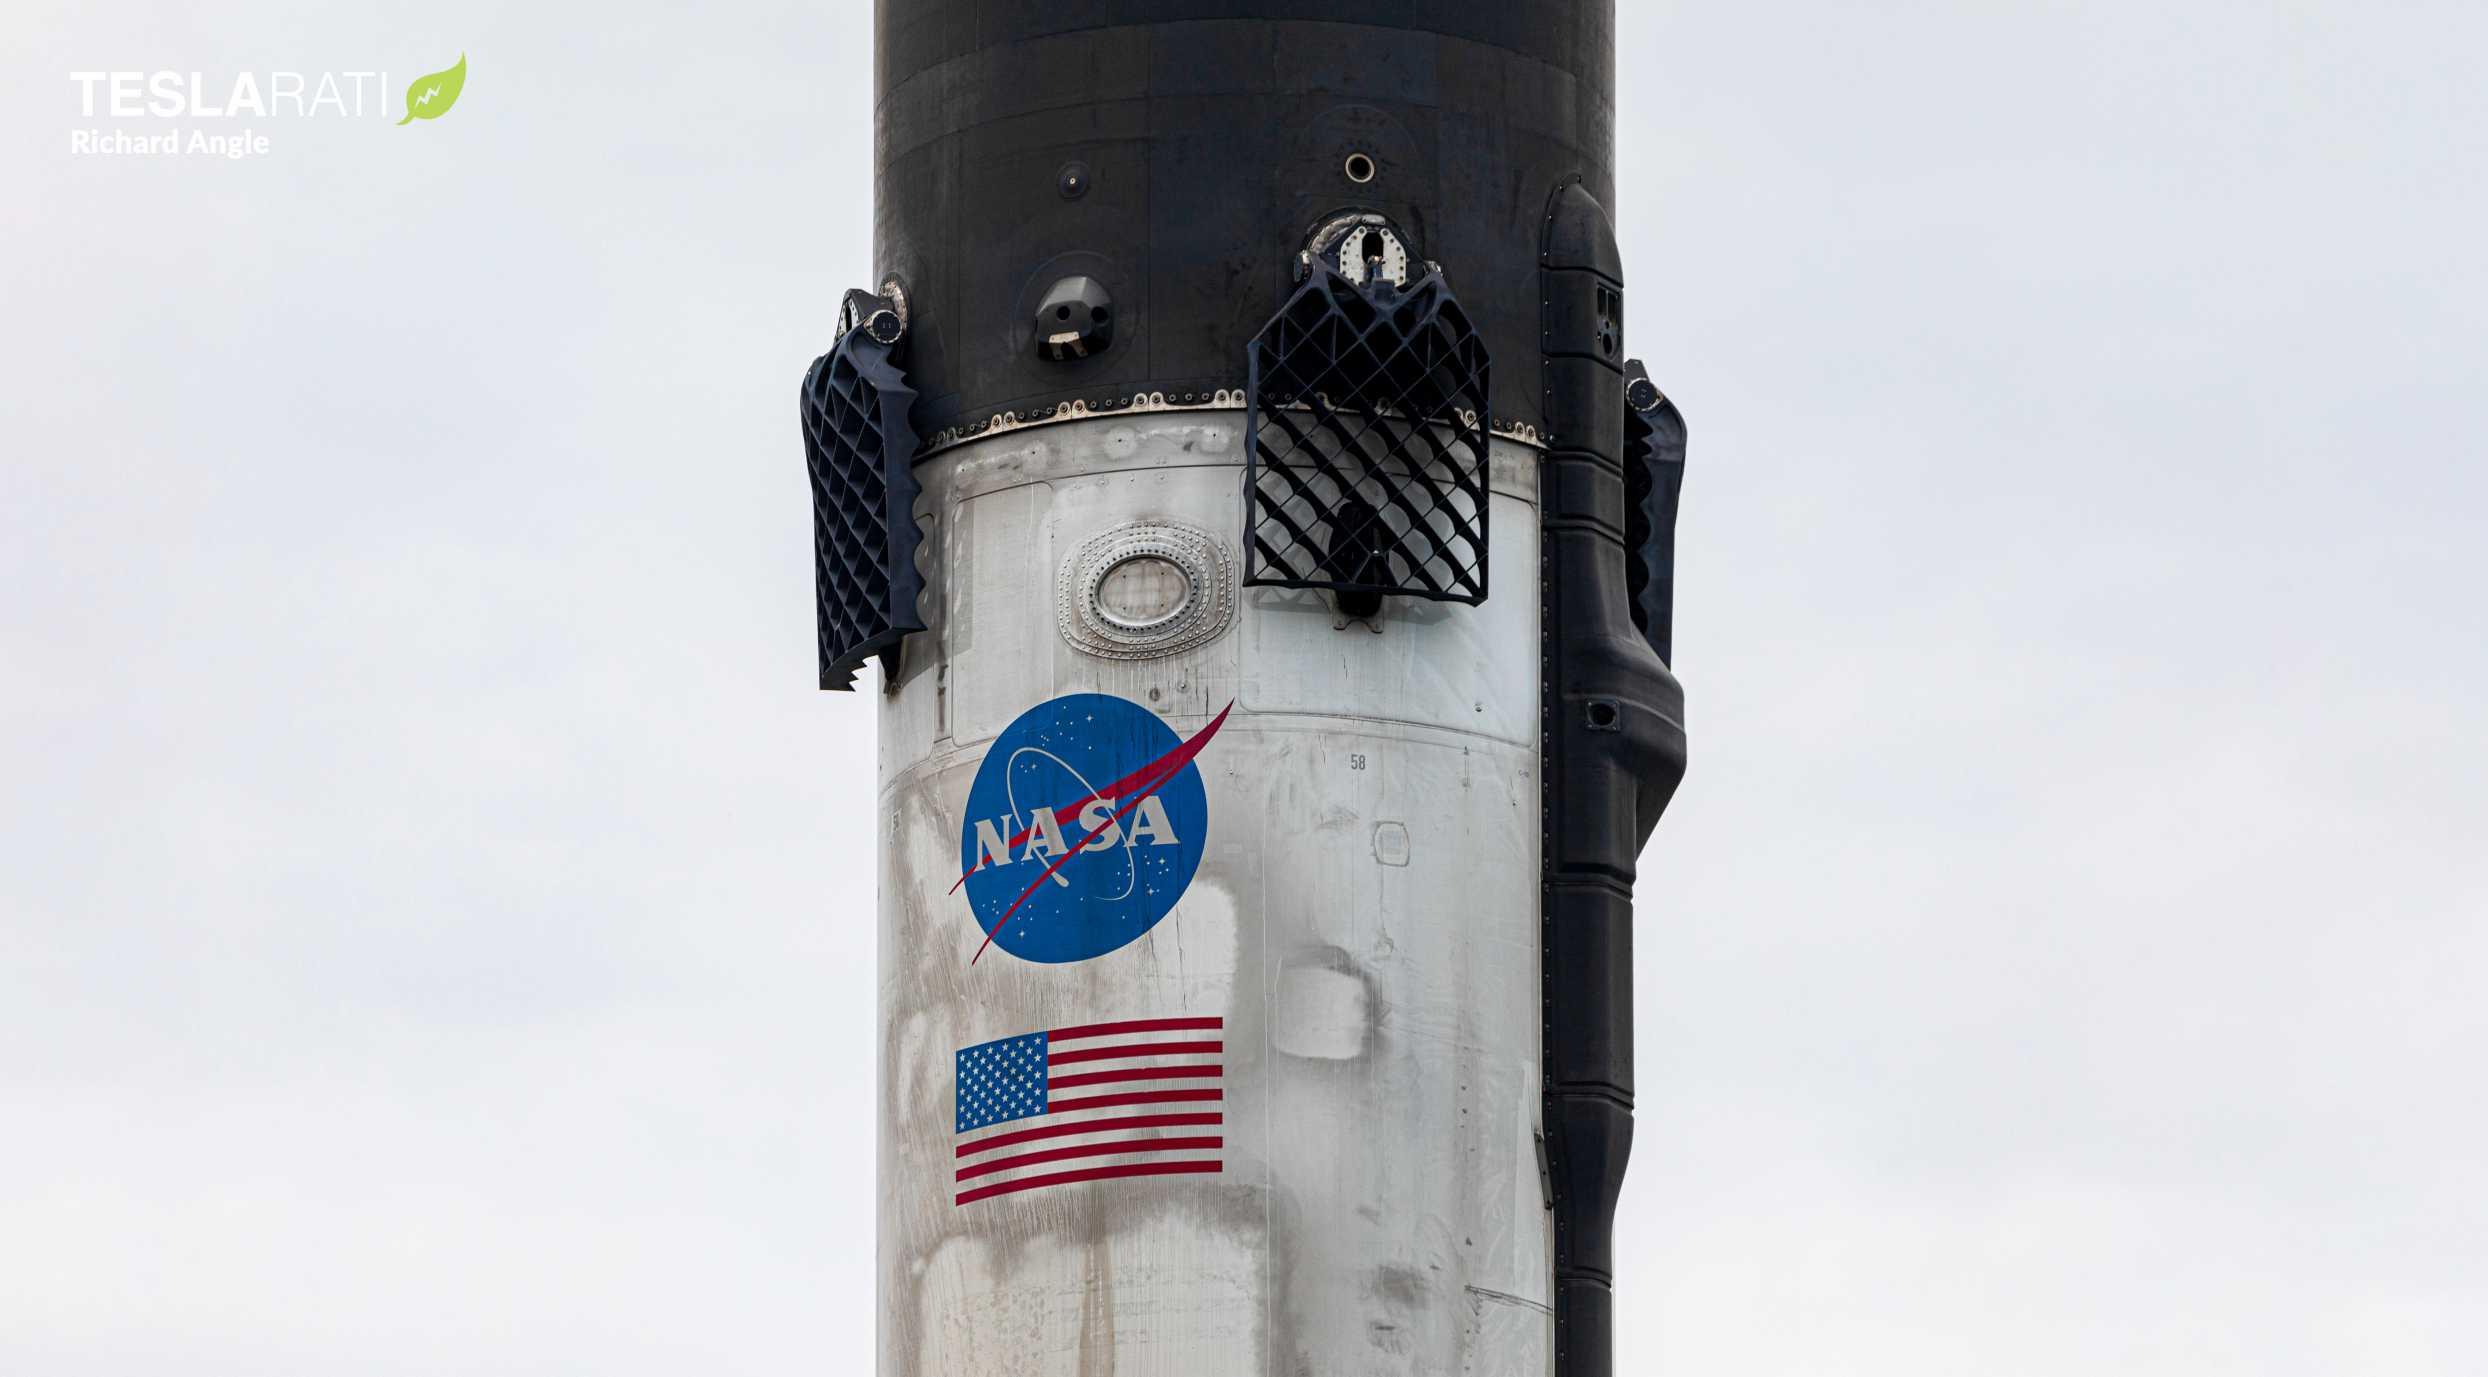 Crew Dragon Demo-2 Falcon 9 B1058 OCISLY return 060220 (Richard Angle) (15) (c)